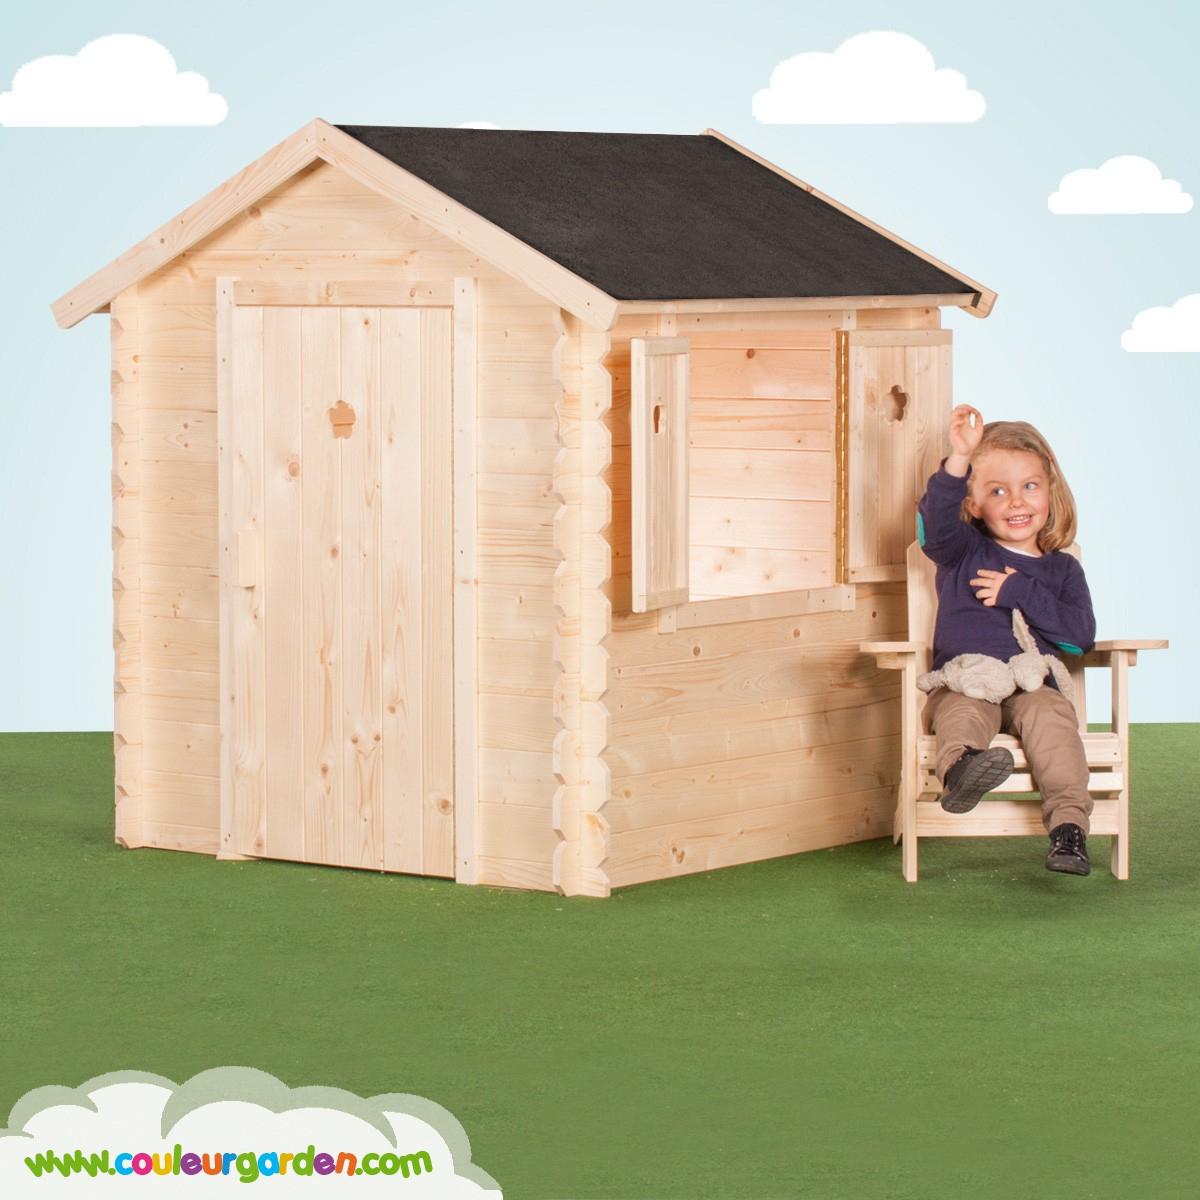 Cabane De Jardin En Bois Pas Cher Maison En Bois Pour Enfant ... pour Cabane De Jardin Pour Enfants